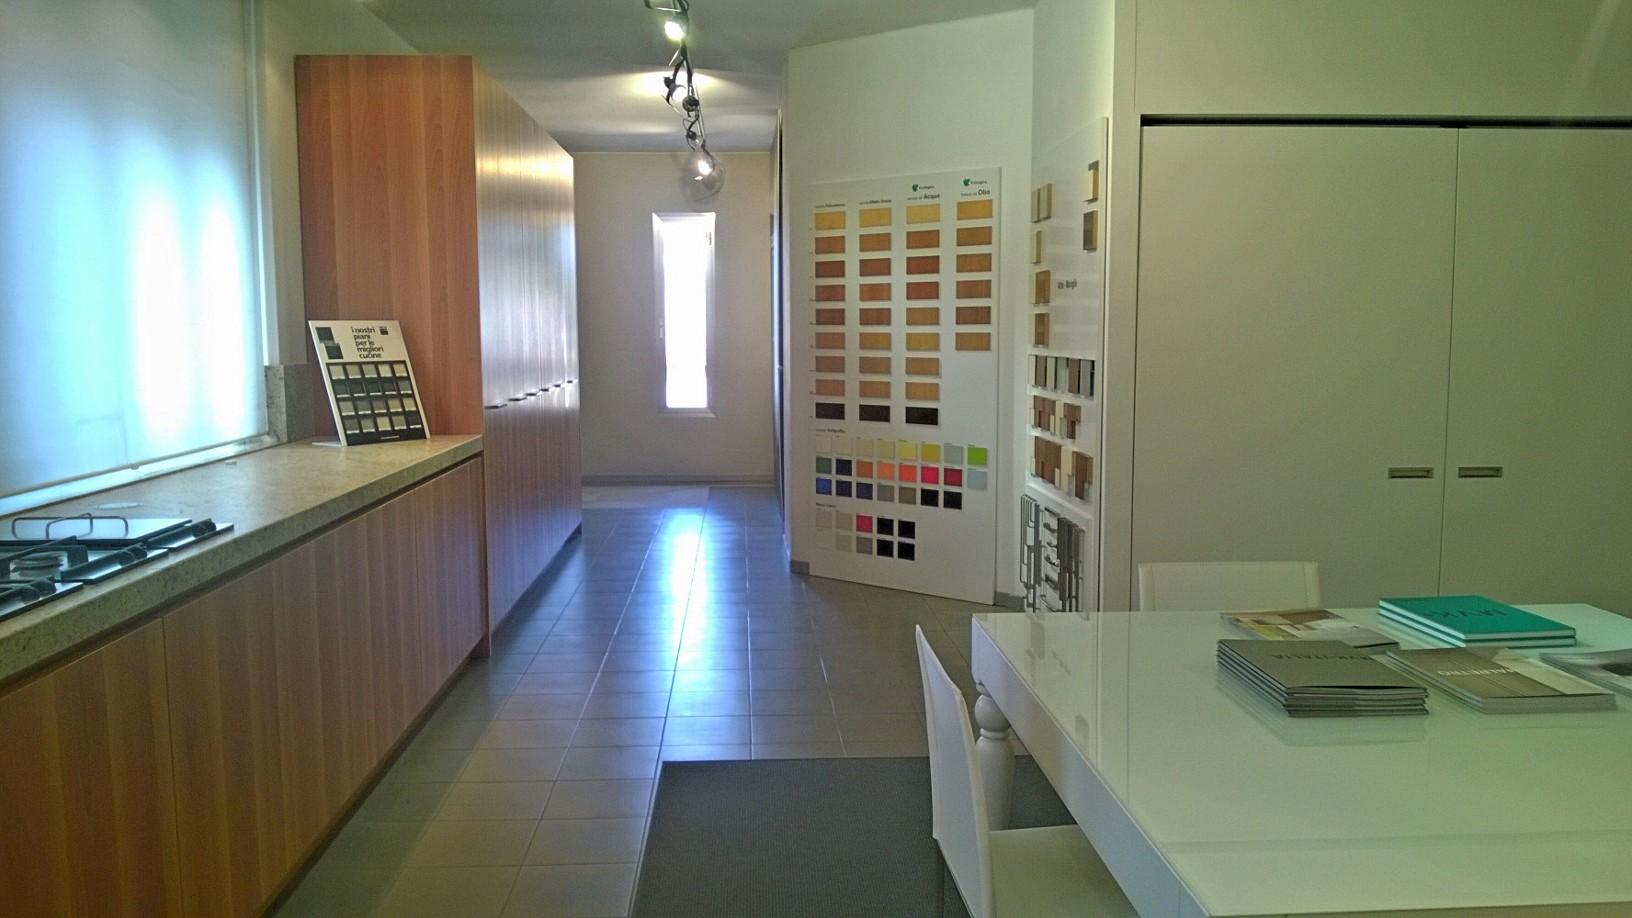 segala-centro-cucine-e-arredamento_11